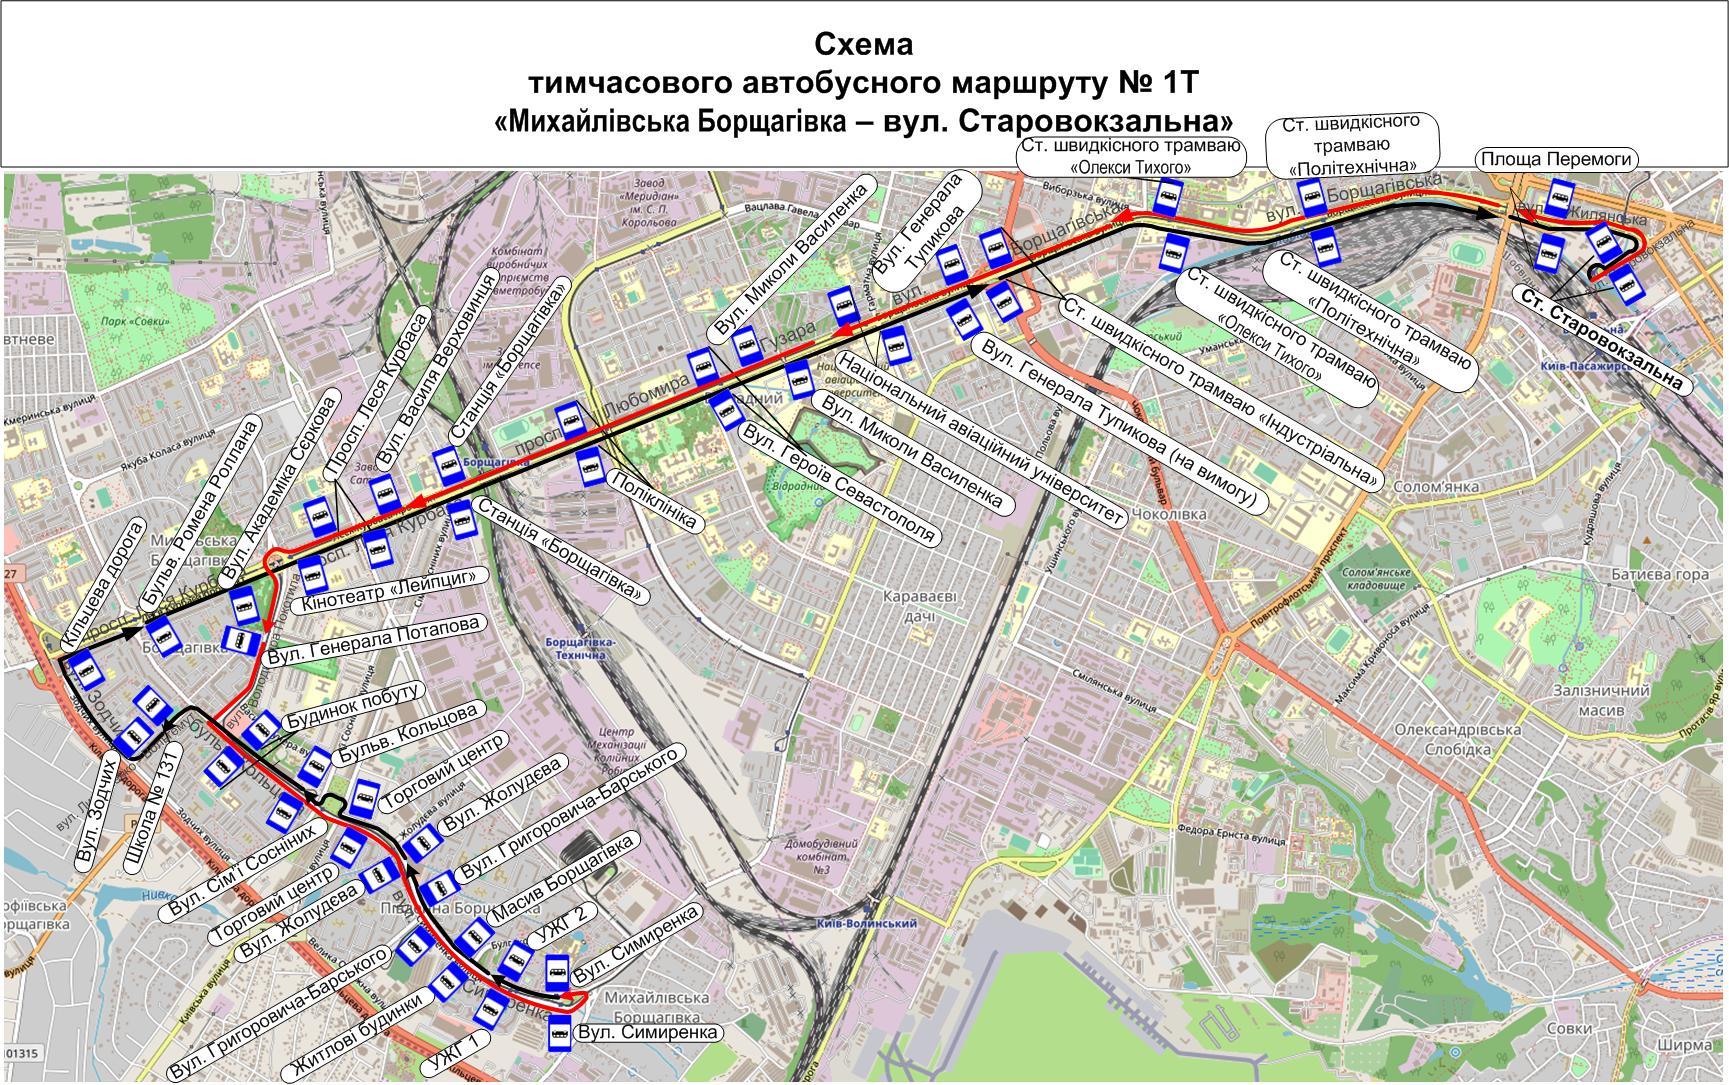 У Києві зупинили швидкісний трамвай на Борщагівку: схеми автобусних маршрутів